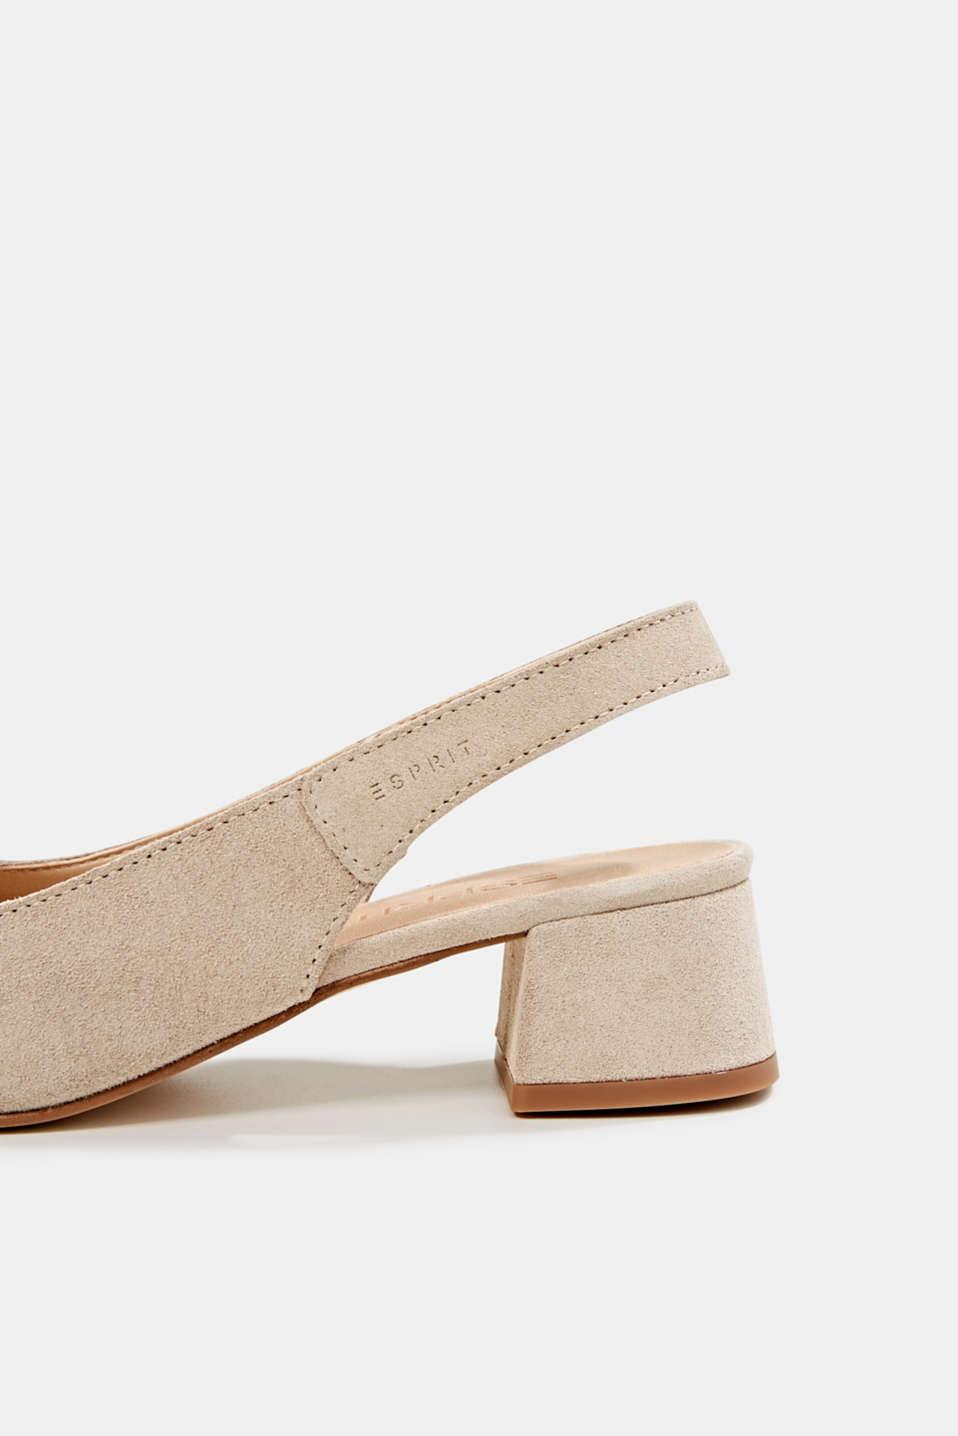 Leather sling back court shoes, BEIGE, detail image number 5